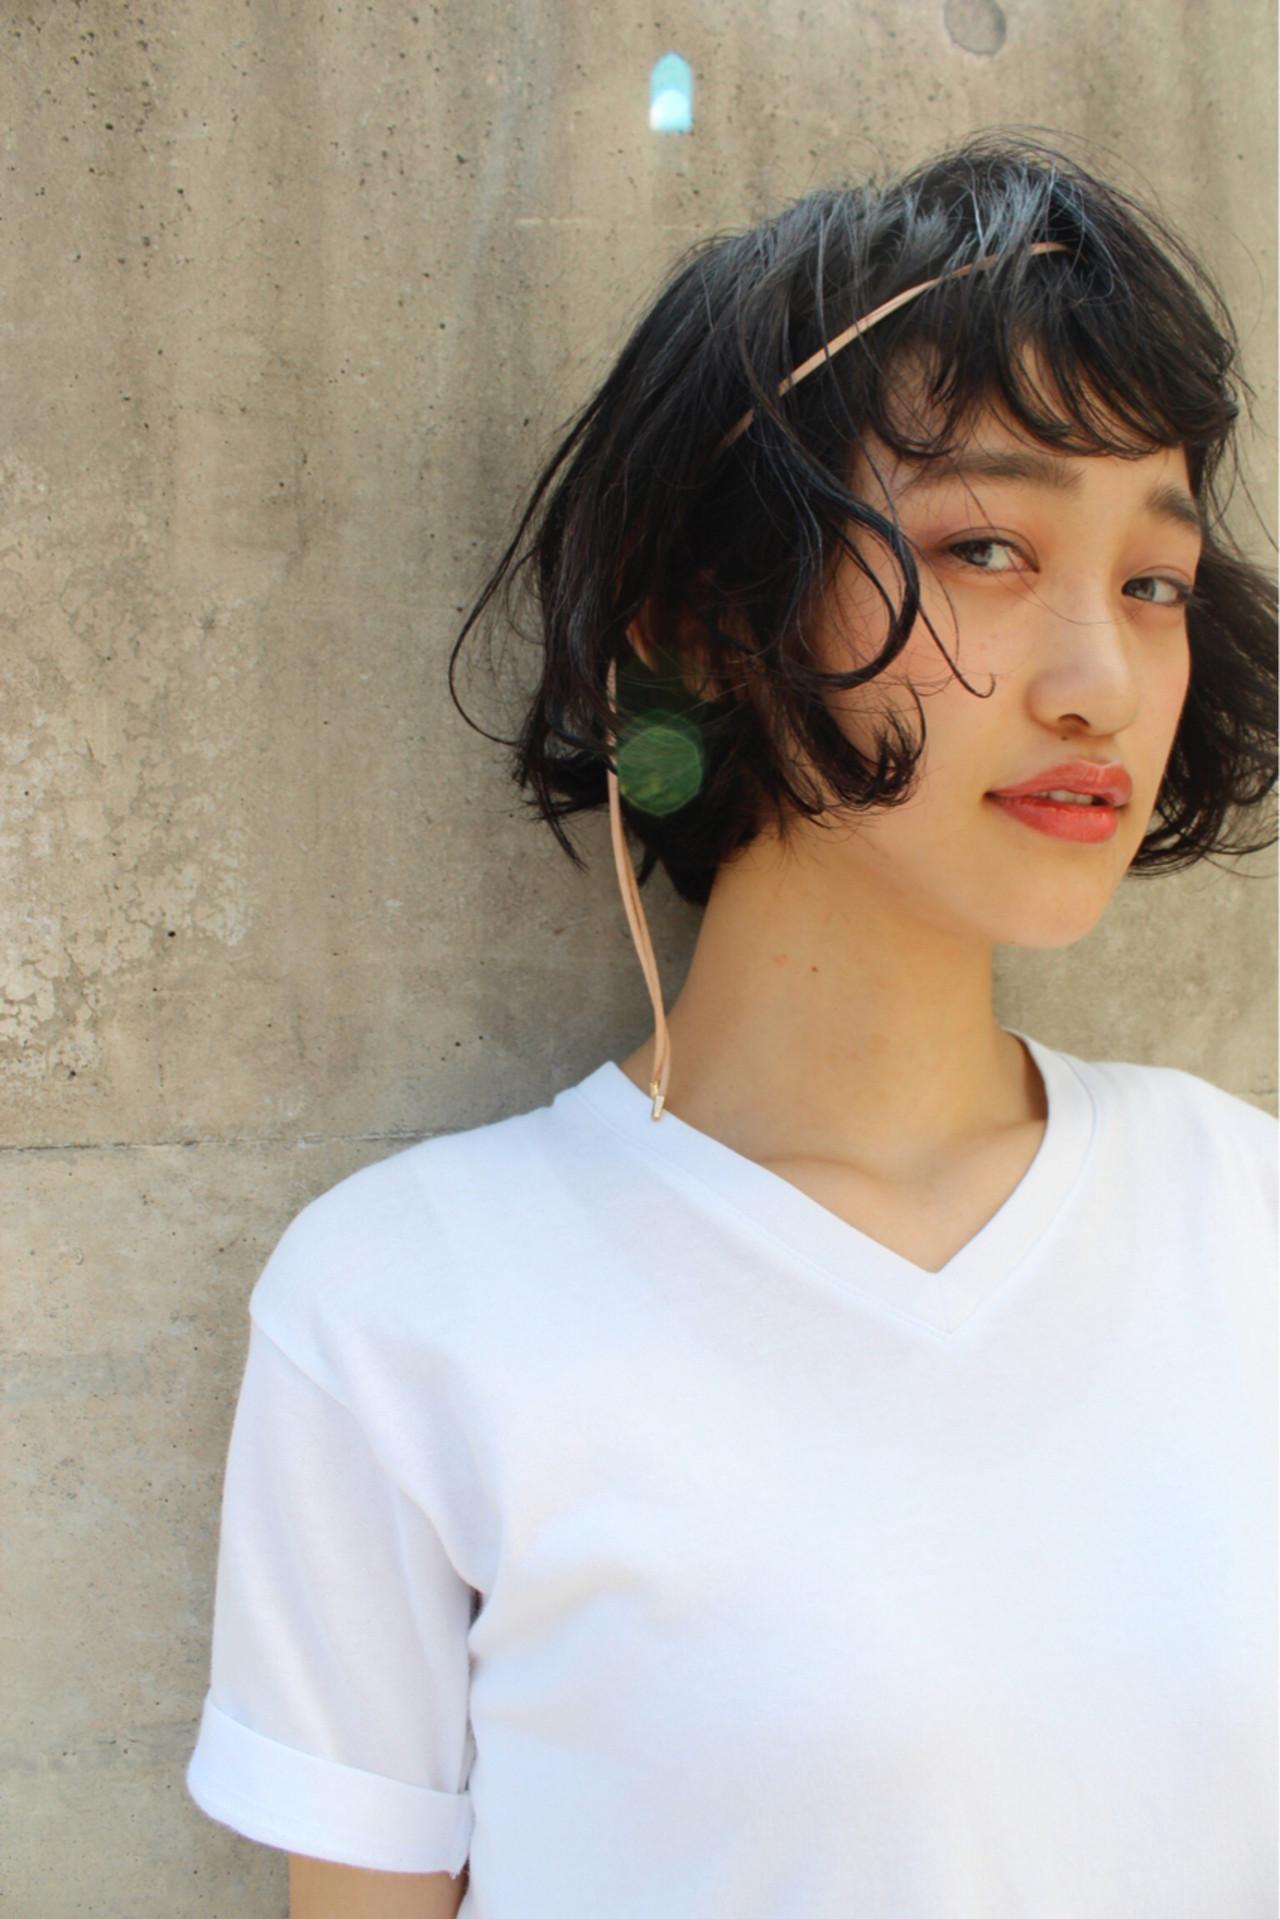 黒髪 くせ毛風 ボブ ヘアアレンジ ヘアスタイルや髪型の写真・画像 | 永井 美菜子 bibito / bibito